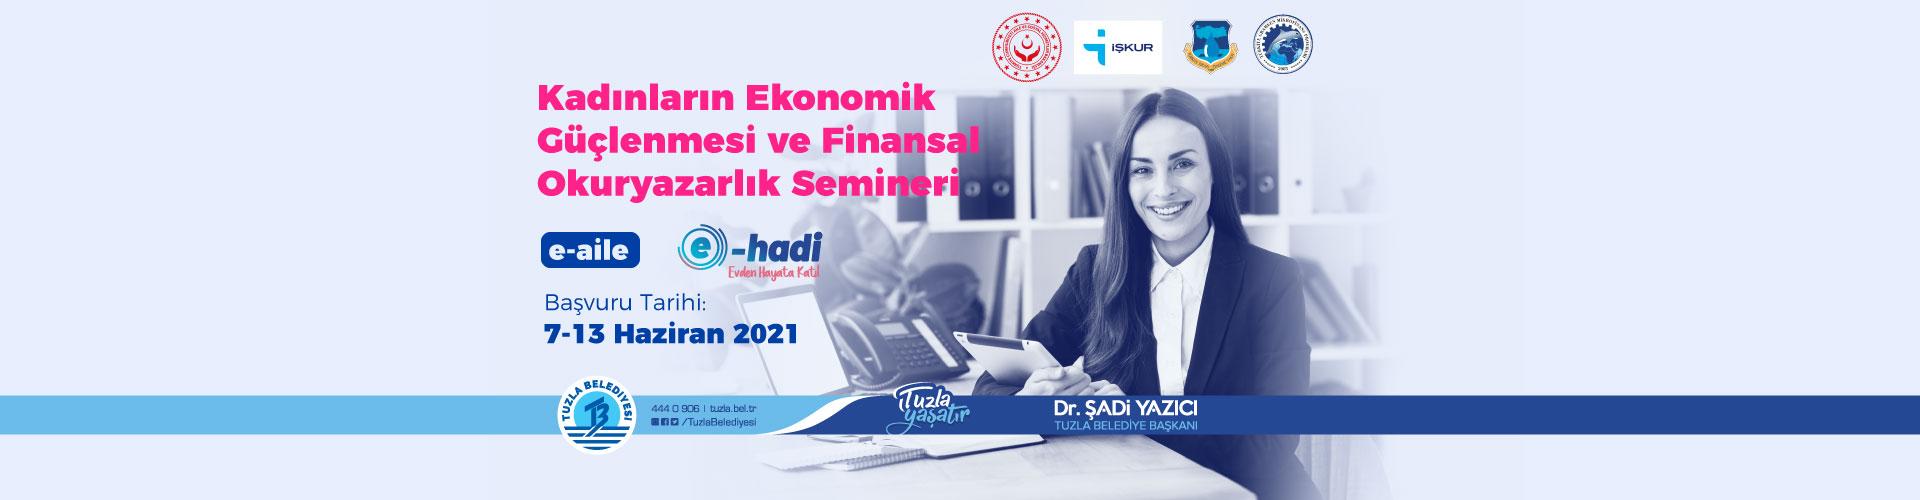 Kadınların Ekonomik Güçlenmesi ve Finansal Okuryazarlık Semineri